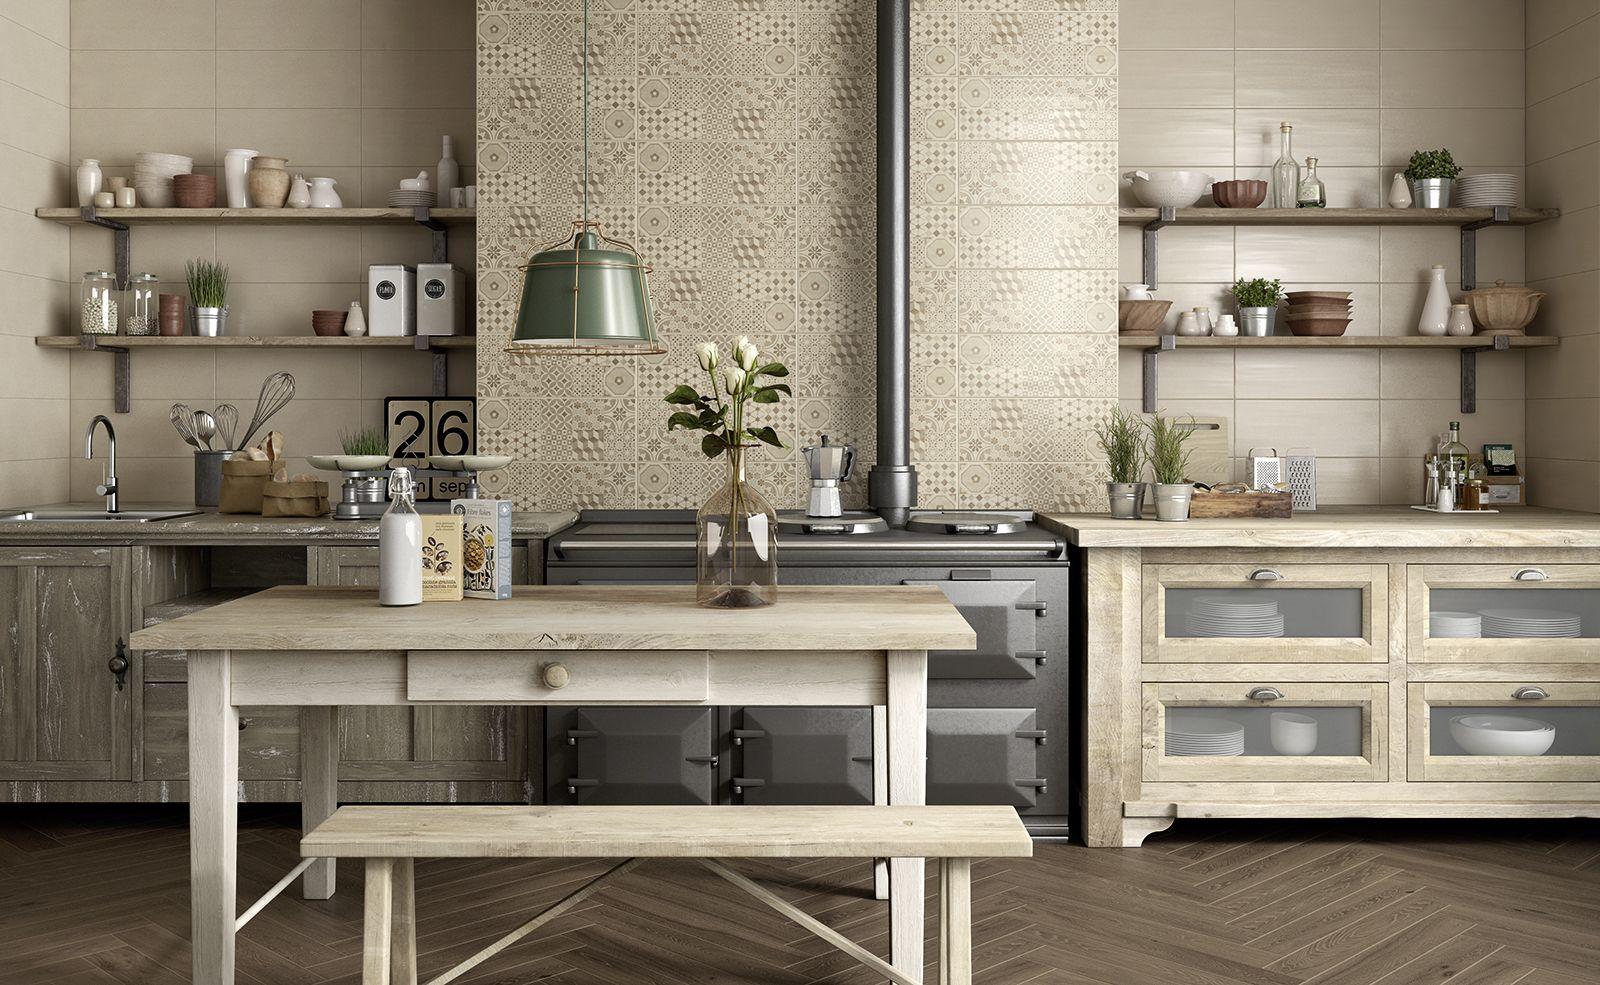 Paint - Revêtement salle de bain et cuisine | Marazzi